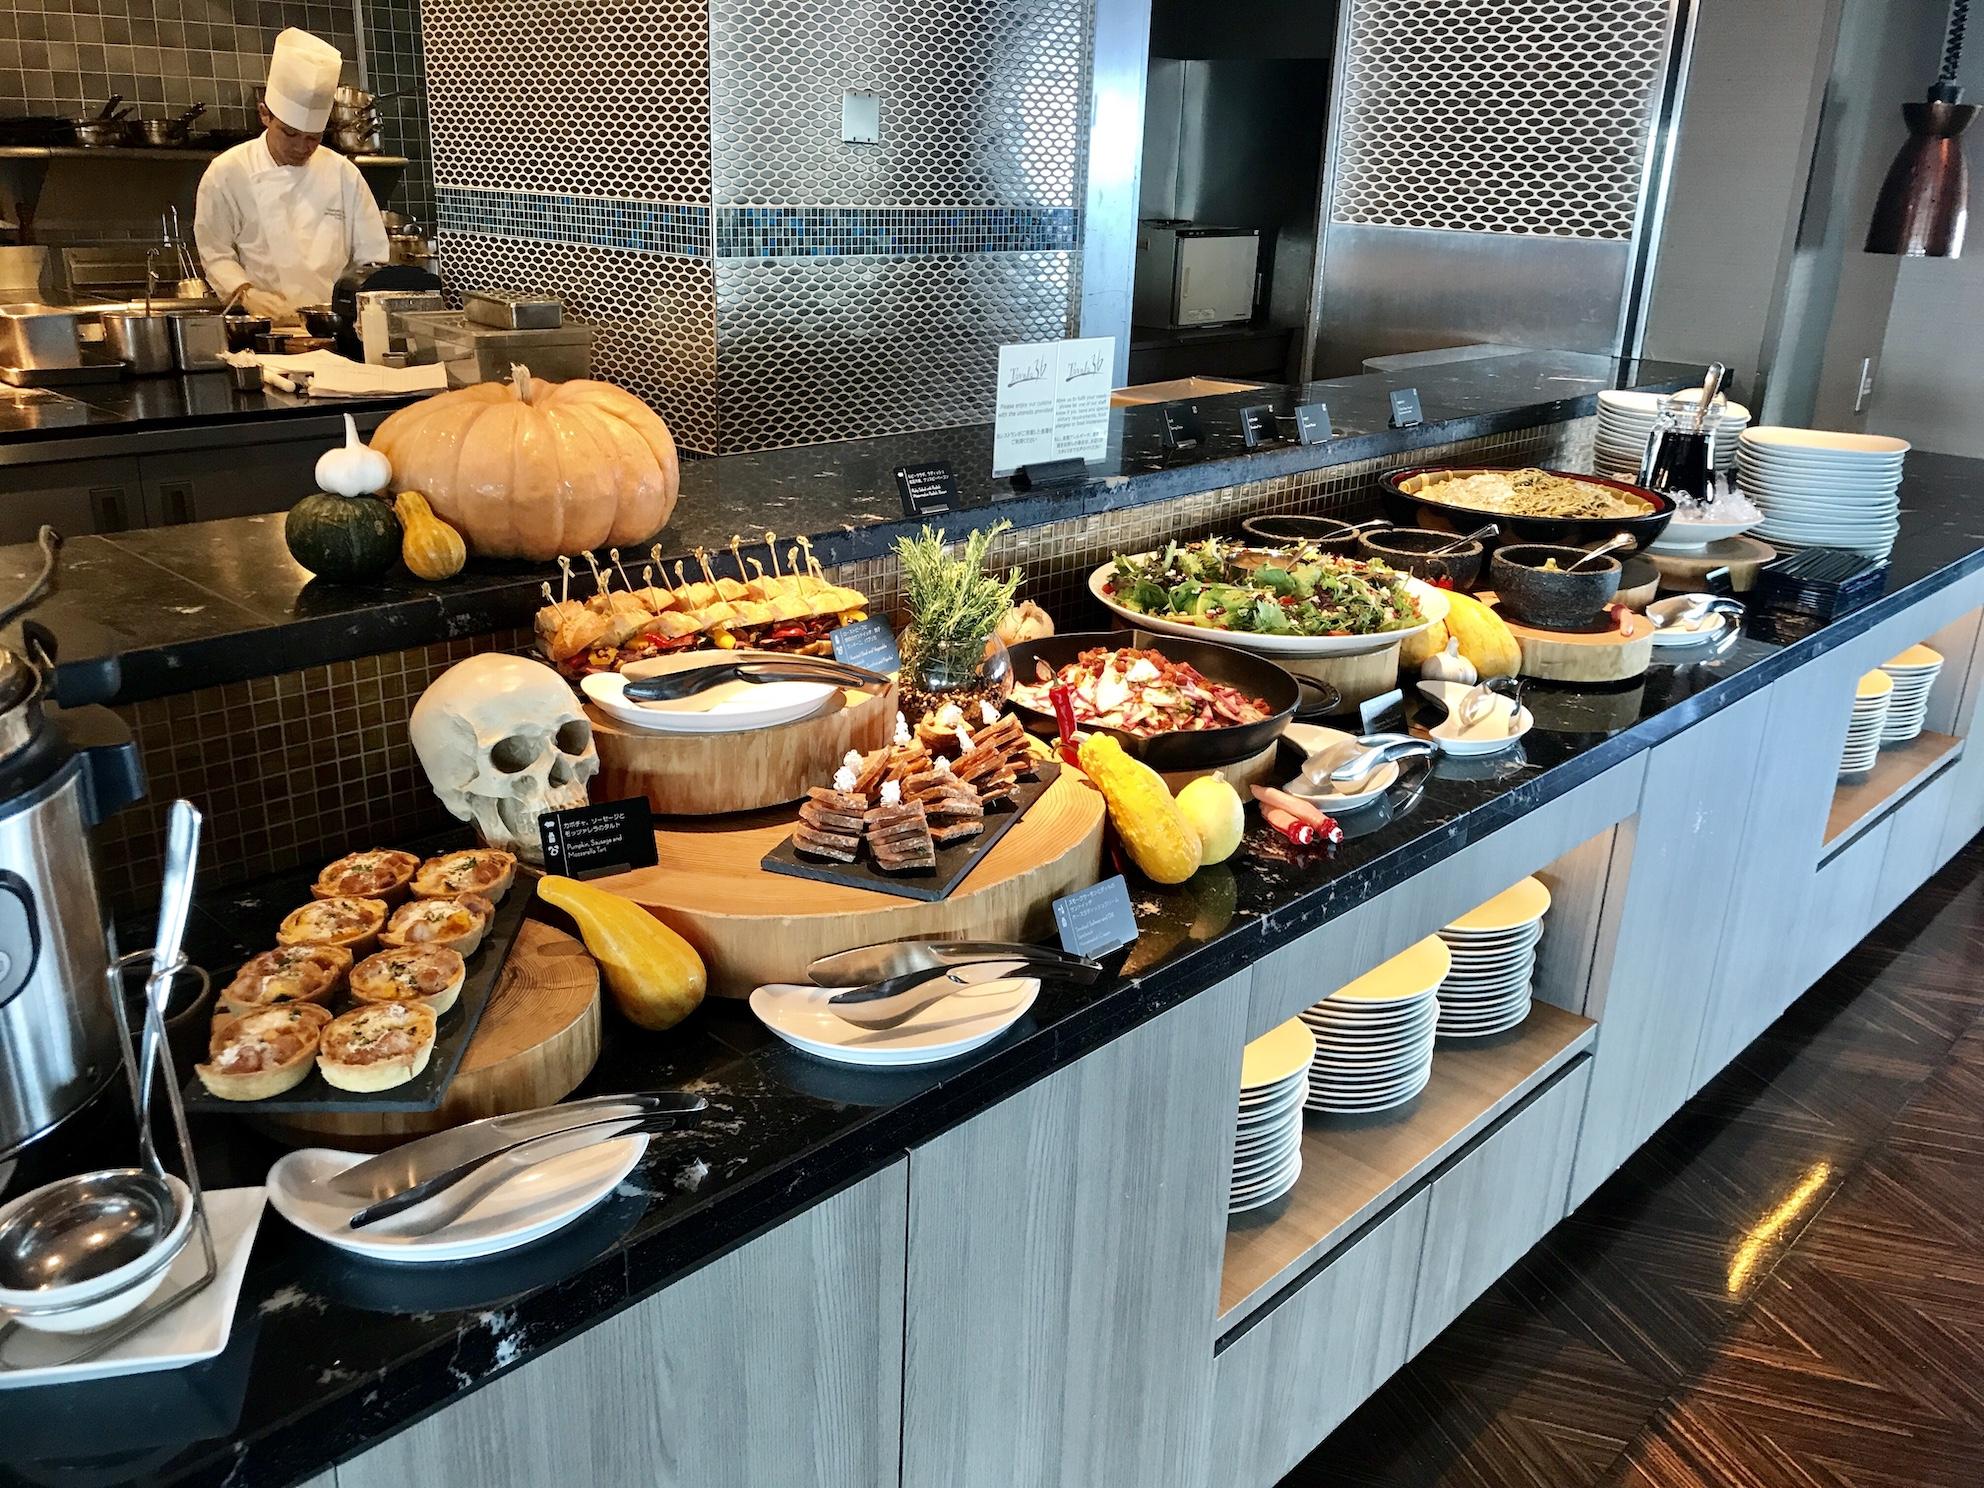 【ハロウィンスイーツブッフェへ出掛けよう!】10/5〜スタート!スイスホテル南海大阪 Swiss Chocoholic Halloween Buffet レセプションに行ってきました。【大阪 難波 なんば】_10